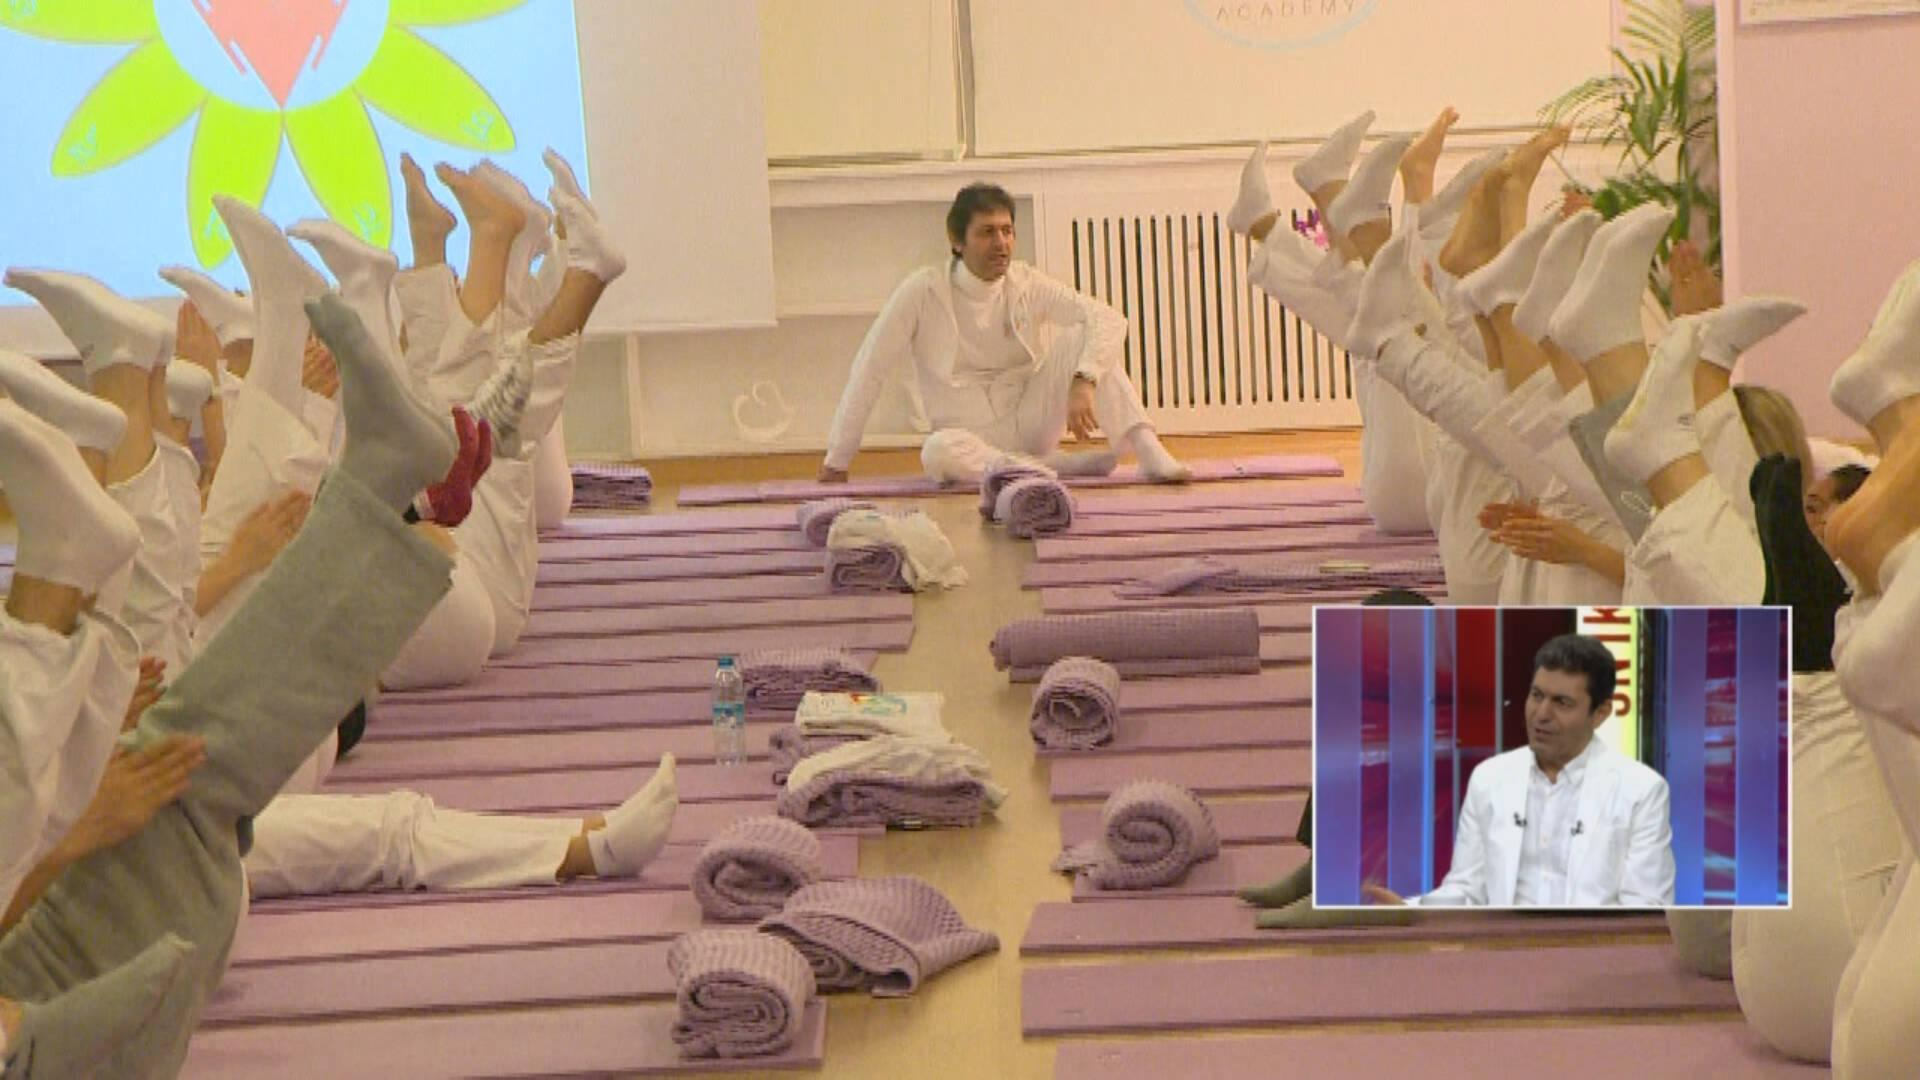 Yoga merkezi mi, tarikat mı?